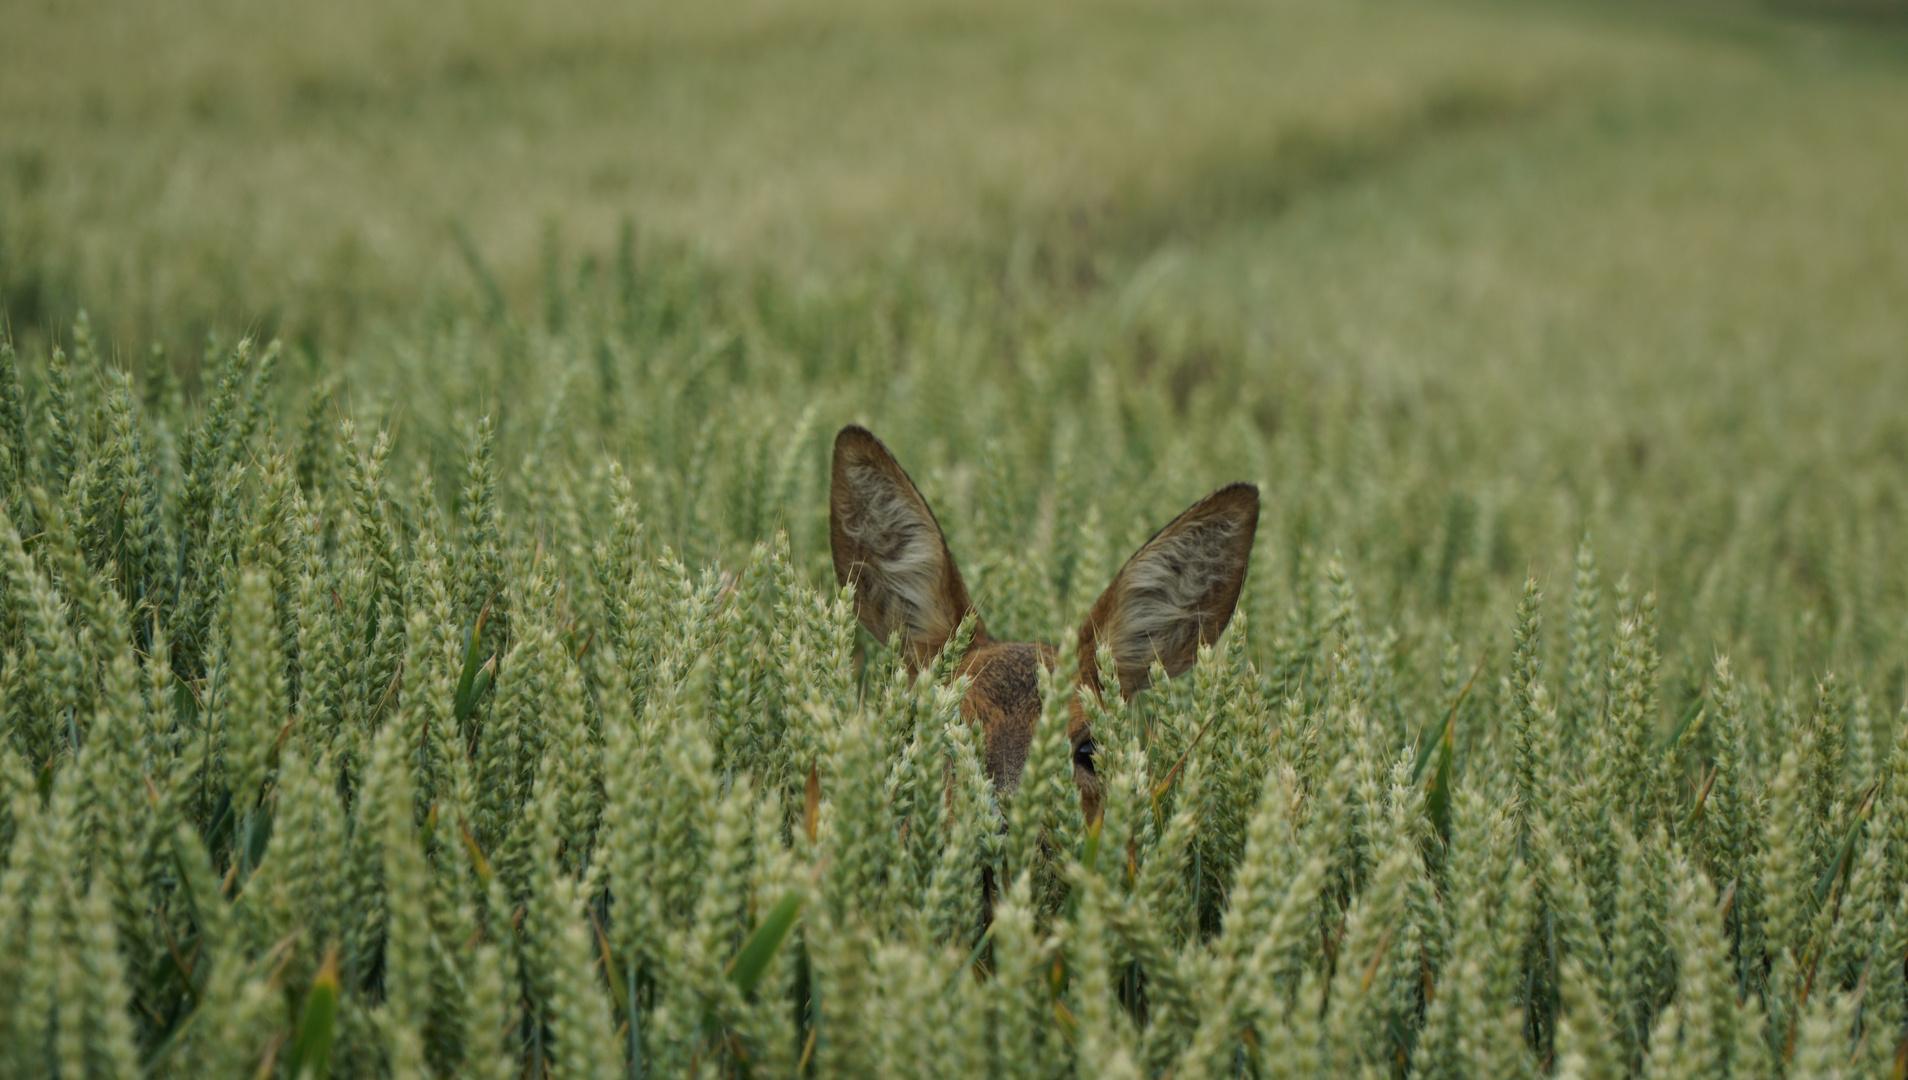 Ein Känguru im Weizenfeld